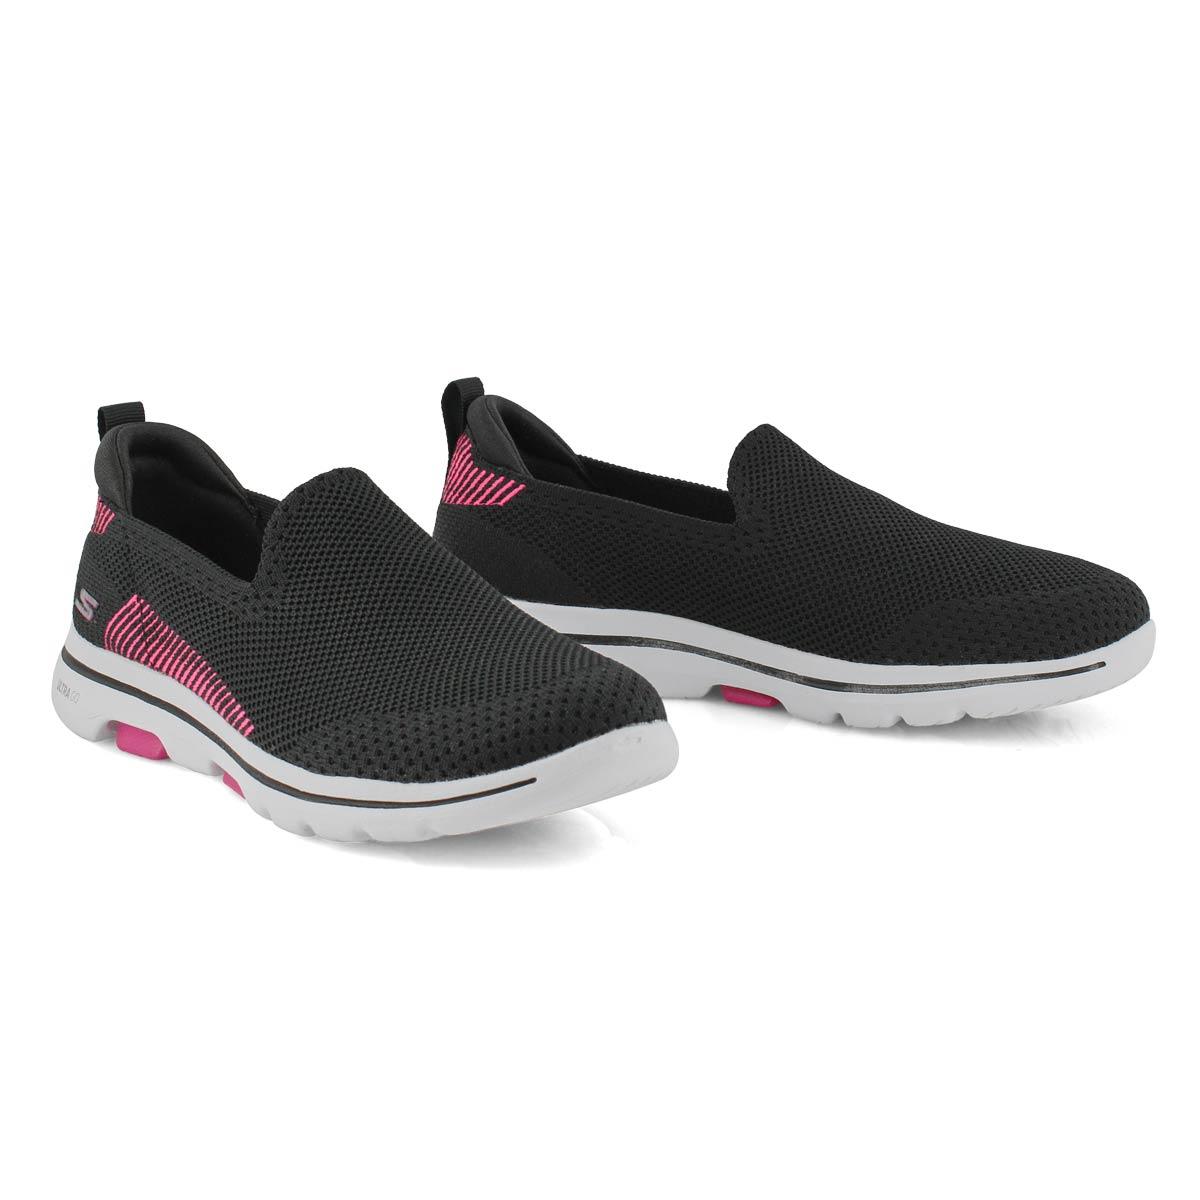 Women's Go Walk 5 Prized Shoe - Black/Pink